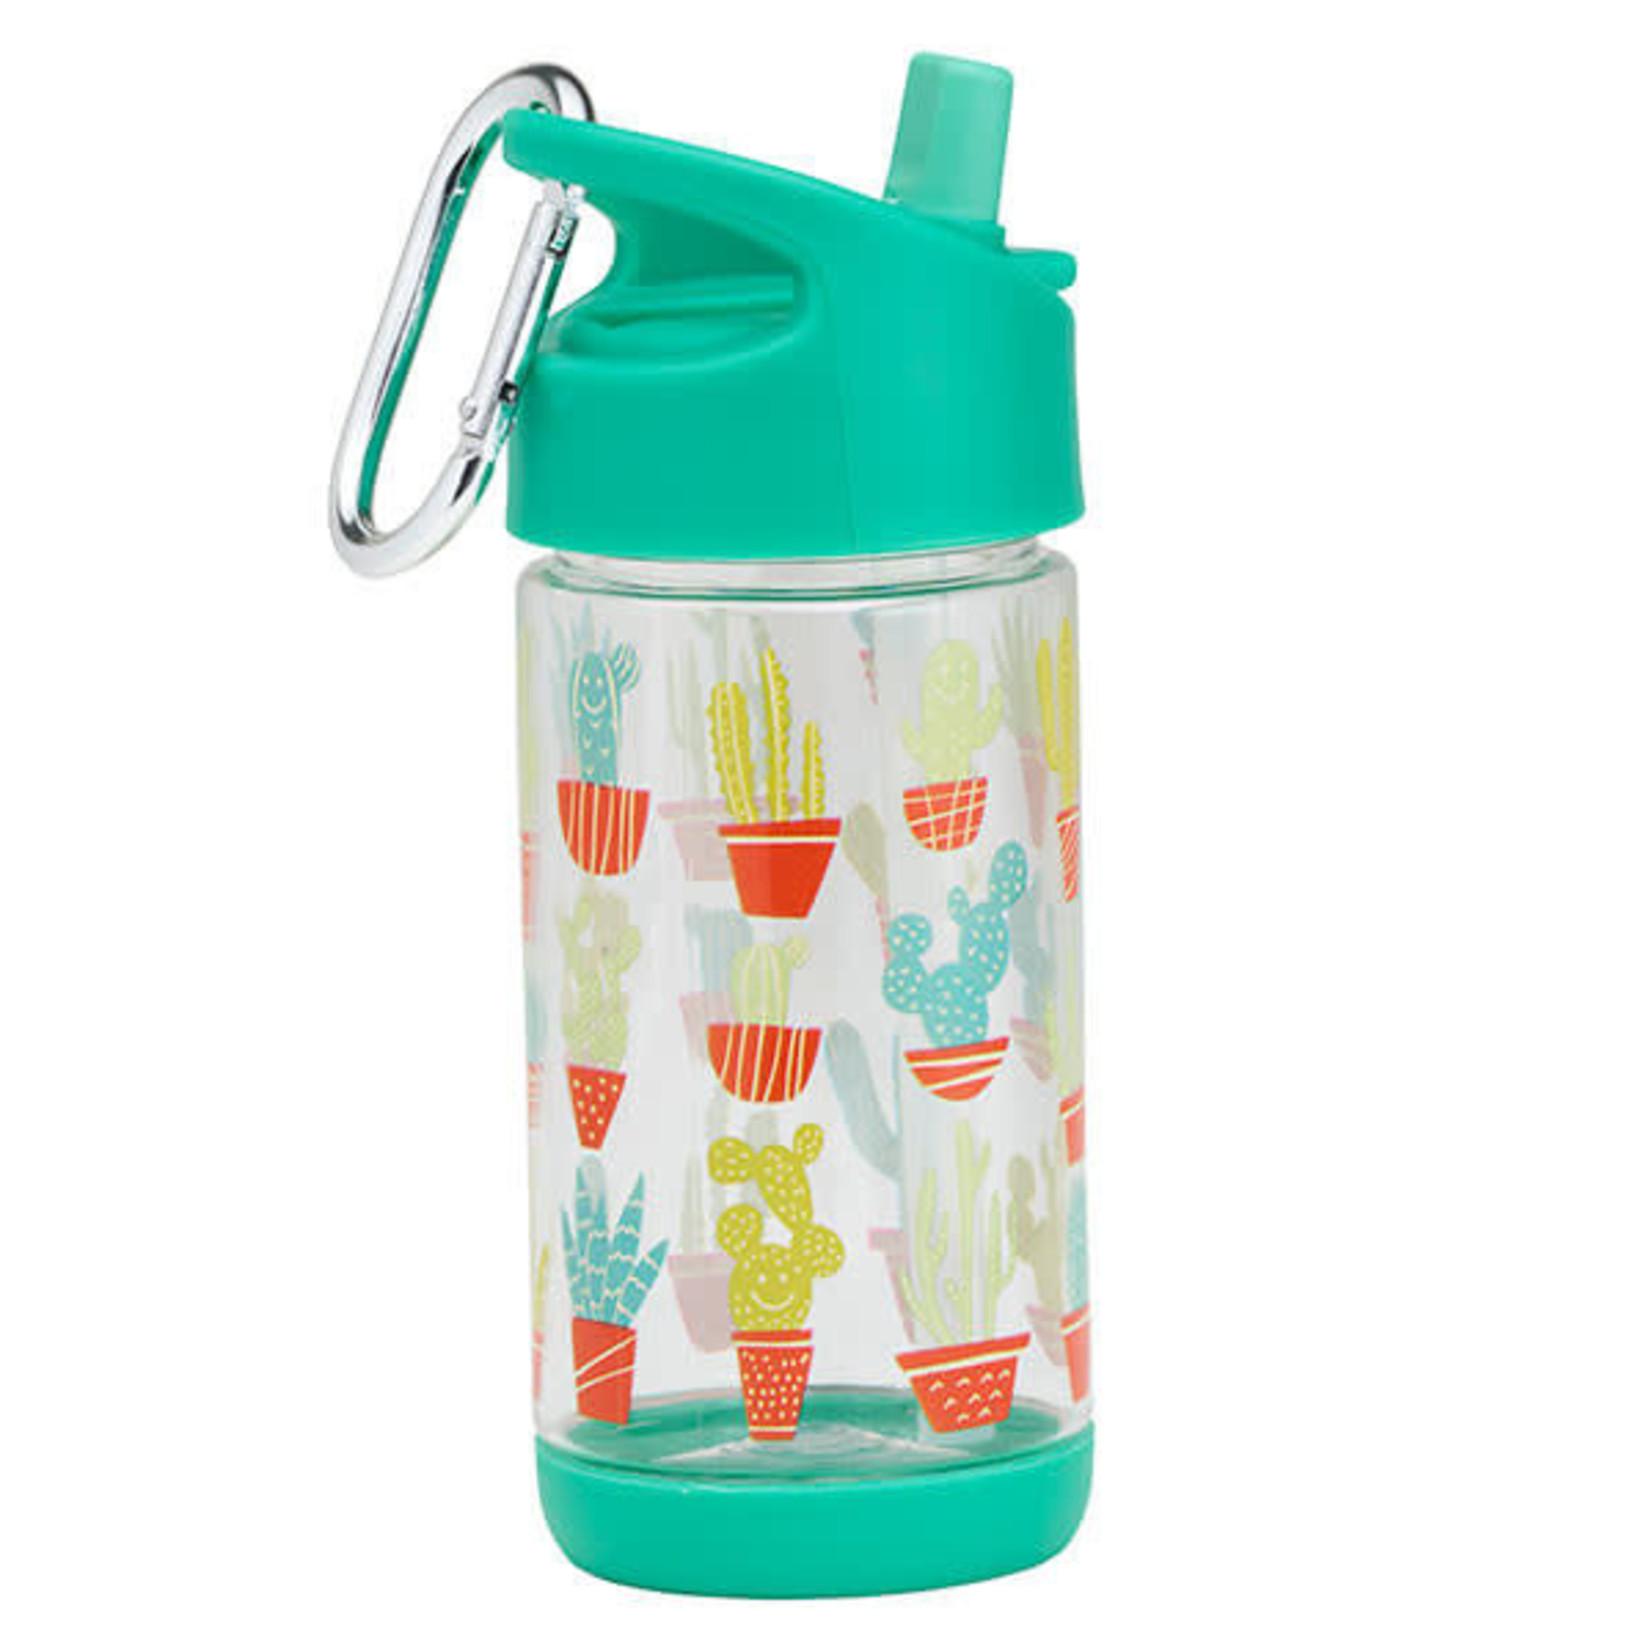 Sugarbooger Sugarbooger Drinkfles Happy Cactus Flip & Sip Clear